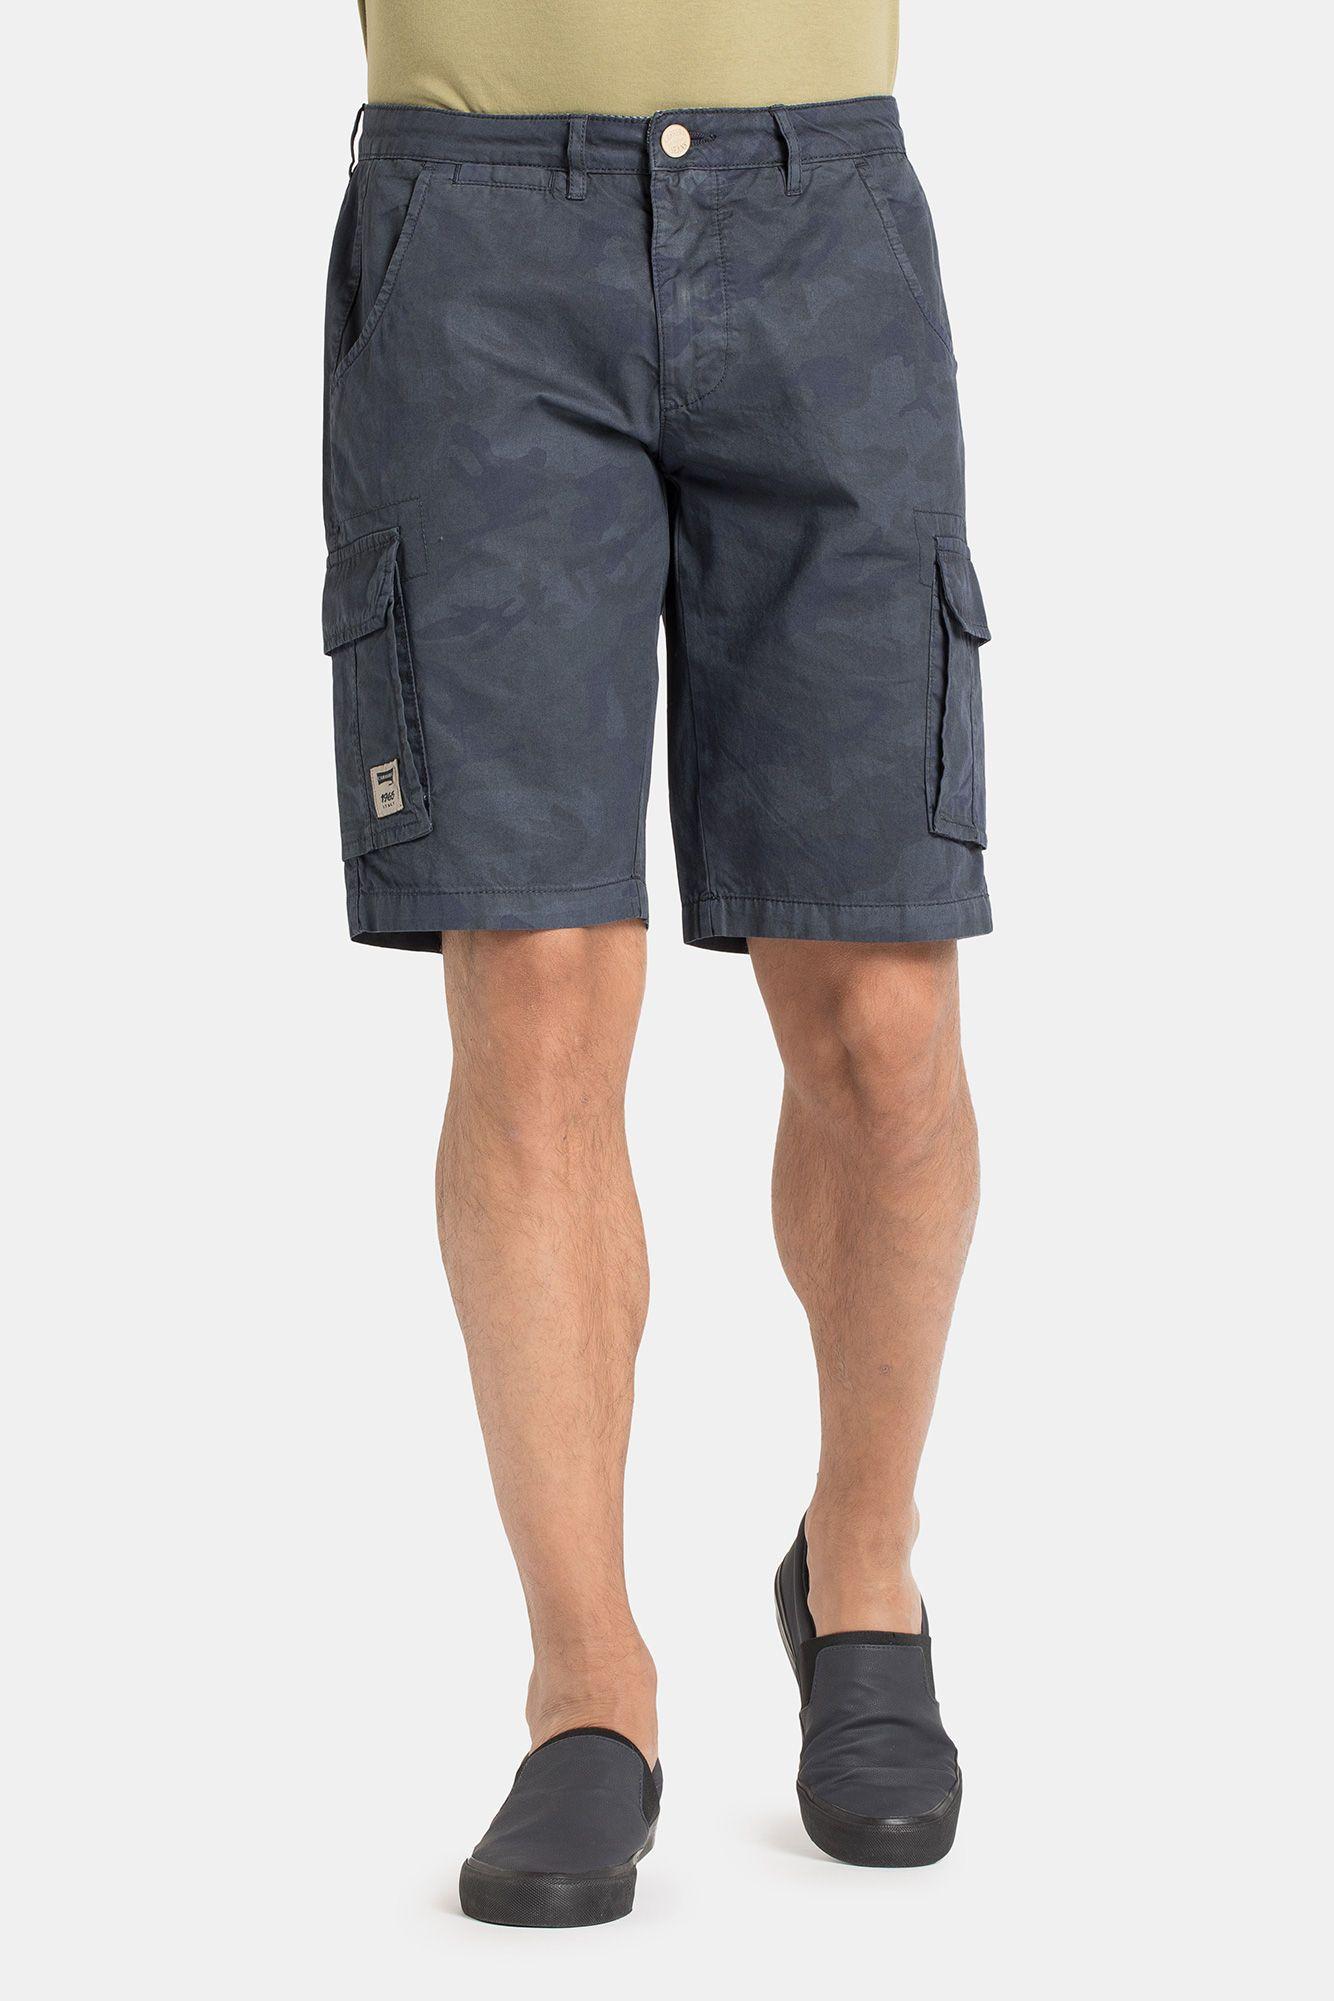 9c0244c29bf6 Carrera Jeans - Bermuda stampato mod.618. vita regolare. Cod. 6181280A